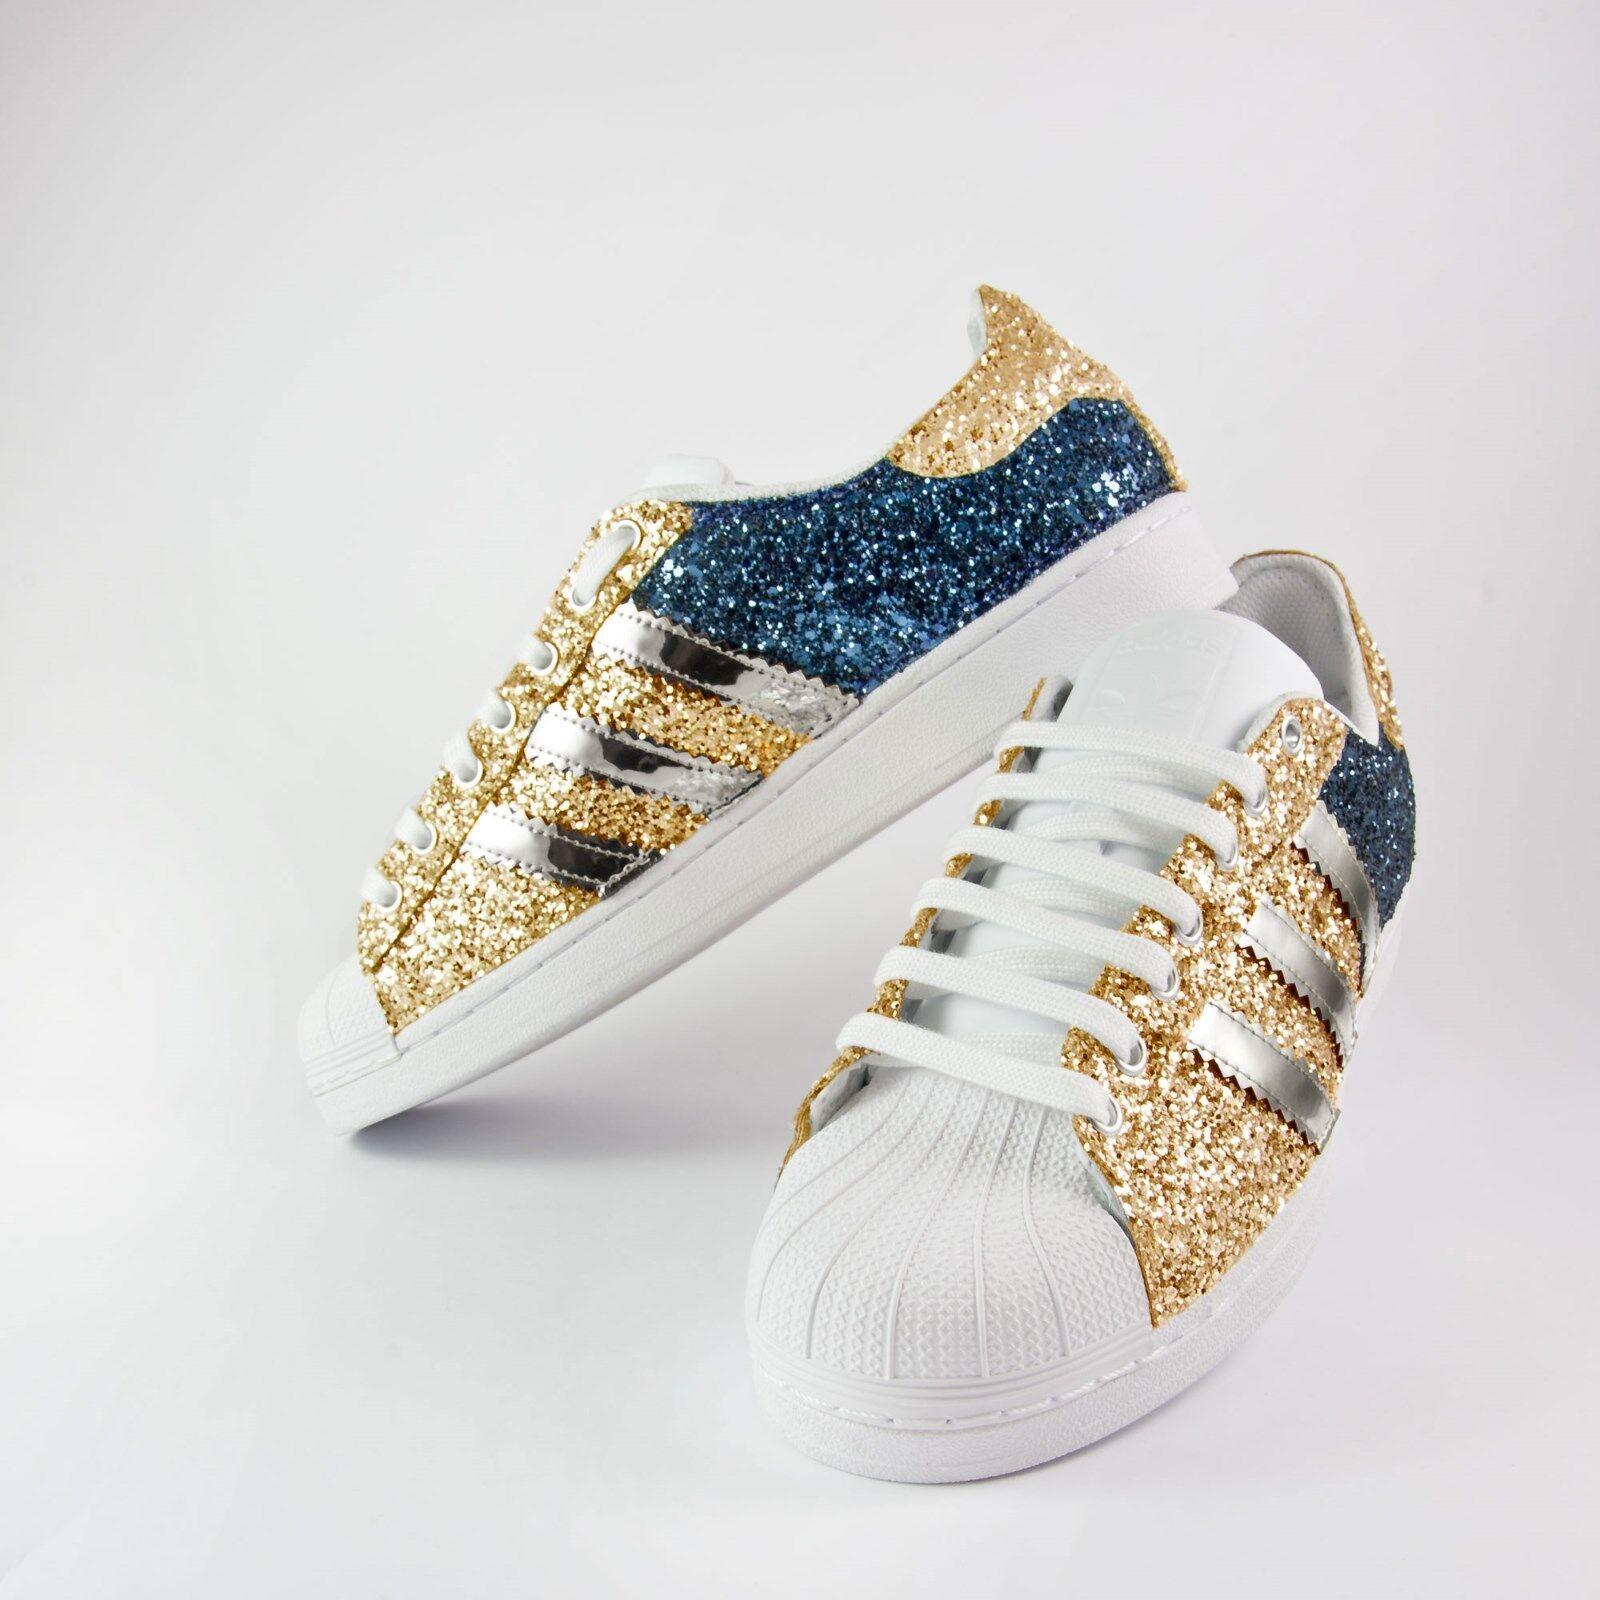 Scarpe adidas e superstar con glitter oro e adidas blu piu' specchiato argento 7017fd